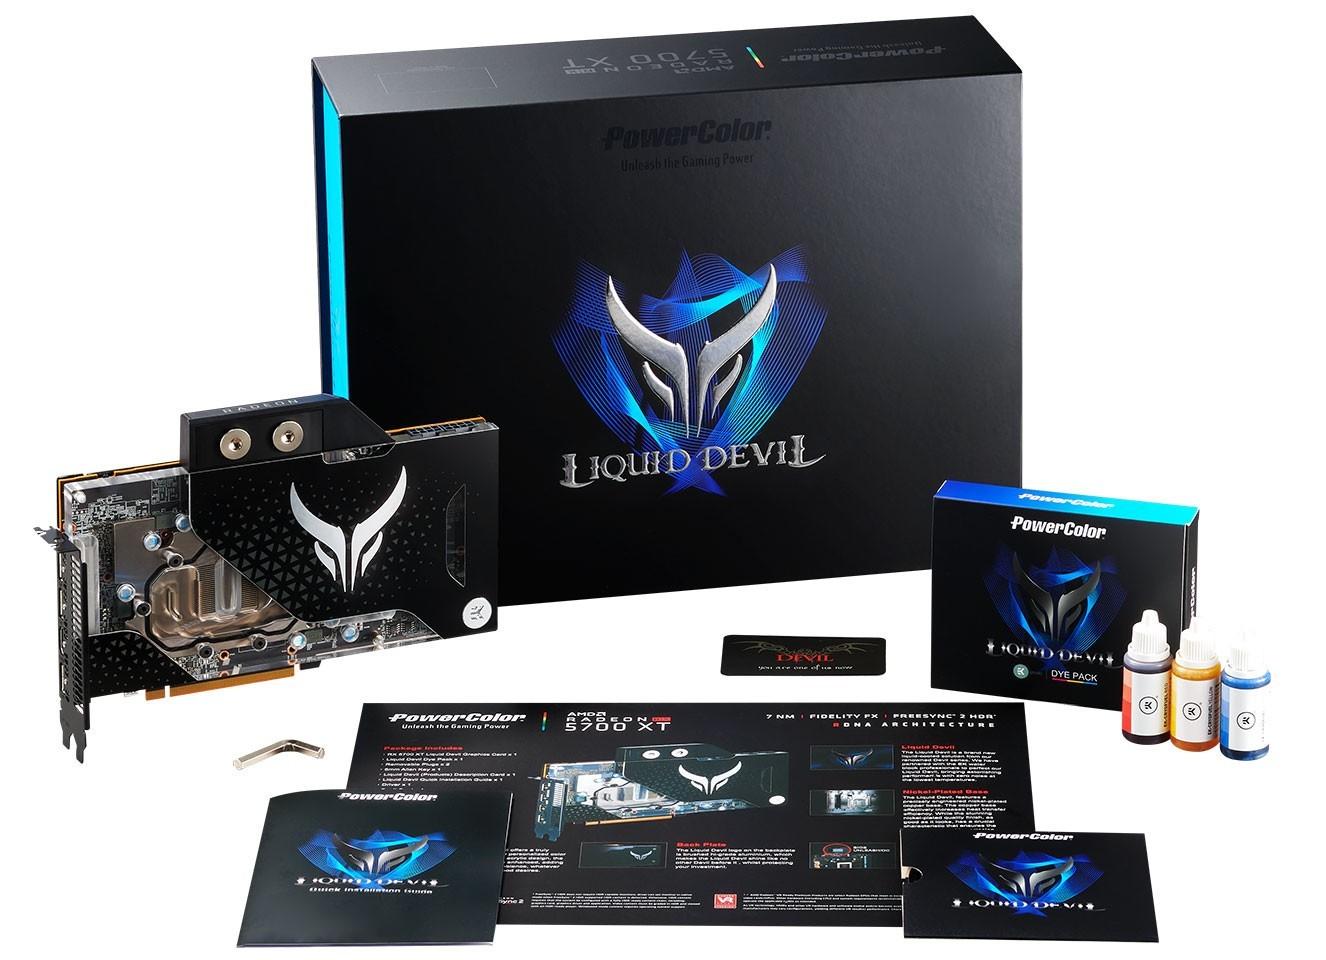 Radeon 5700 XT Liquid Devil 23